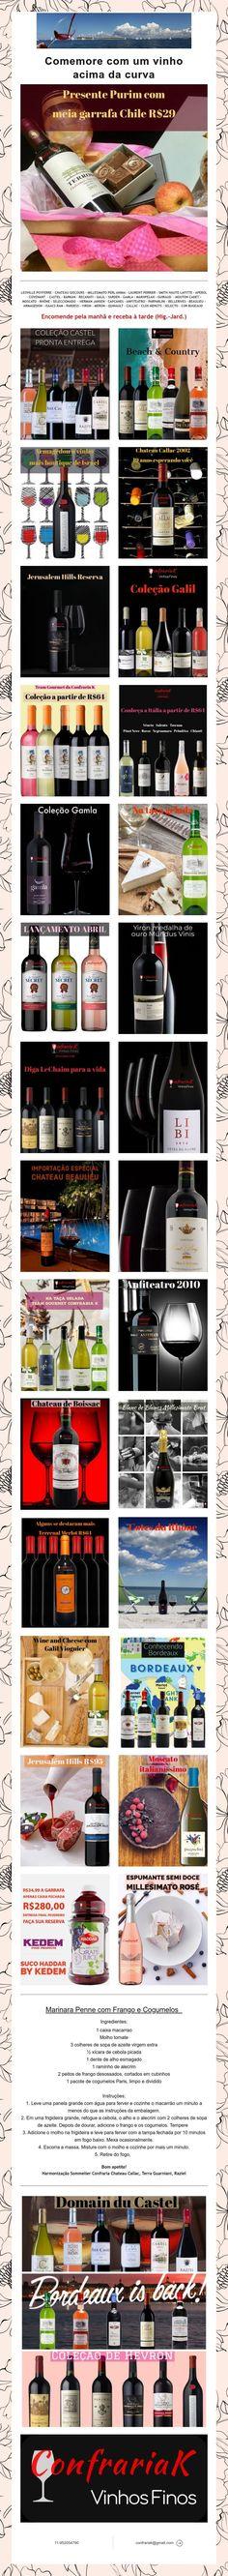 Comemore com um vinho acima da curva Mouton Cadet, Laurent Perrier, Wine Pairings